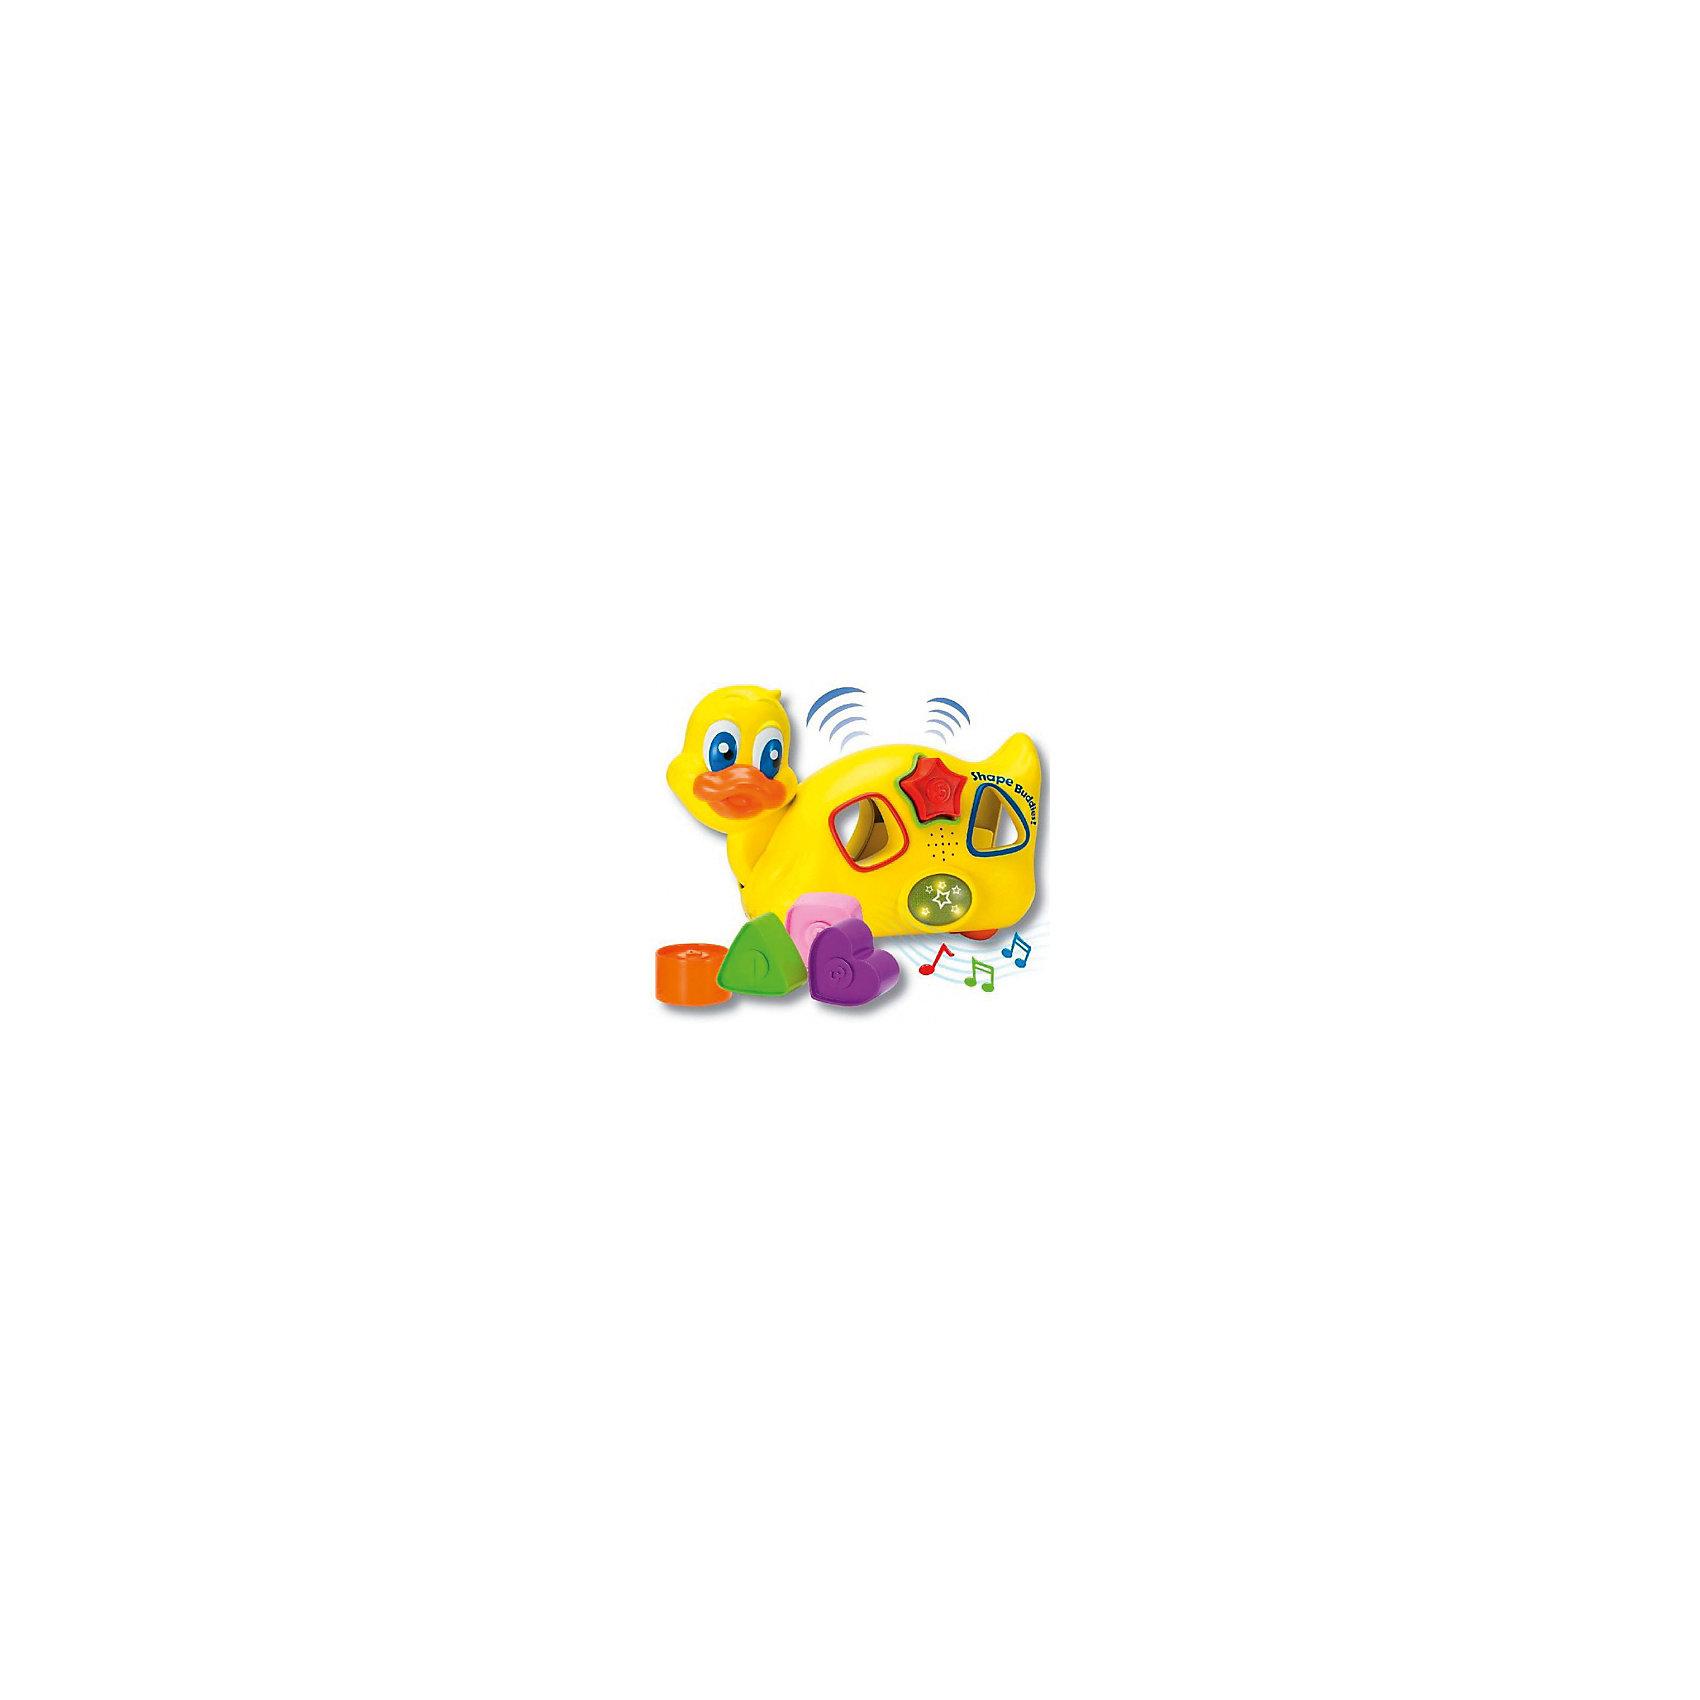 Уточка с паззлами, со звуком и светом, KeenwayСортеры<br>Уточка-каталка с паззлами, со звуком и светом от  Keenway - отличный подарок ребенку. Это красочная игрушка, которая обязательно понравится малышу. Она выполнена в виде веселой уточки. Уточка не только ездит, но и мигает глазками, а так же воспроизводит удивительные веселые мелодии. Чтобы начать игру, следует нажать на специальную клавишу, включающую музыкальное сопровождение.<br>Игрушка по габаритам идеально подходит для маленьких ручек малыша. Весит совсем немного. Такие игрушки помогают развить мелкую моторику, логическое мышление и воображение ребенка. Эта игрушка выполнена из высококачественного прочного пластика, безопасного для детей.<br>  <br>Дополнительная информация:<br><br>цвет: разноцветный;<br>материал: пластик;<br>размер упаковки: 13 x 22 x 22 см;<br>комплектация: утка, формочки;<br>вес: 642 г.<br><br>Уточку с паззлами, со звуком и светом от компании Keenway можно купить в нашем магазине.<br><br>Ширина мм: 345<br>Глубина мм: 200<br>Высота мм: 165<br>Вес г: 626<br>Возраст от месяцев: 36<br>Возраст до месяцев: 120<br>Пол: Унисекс<br>Возраст: Детский<br>SKU: 4810981